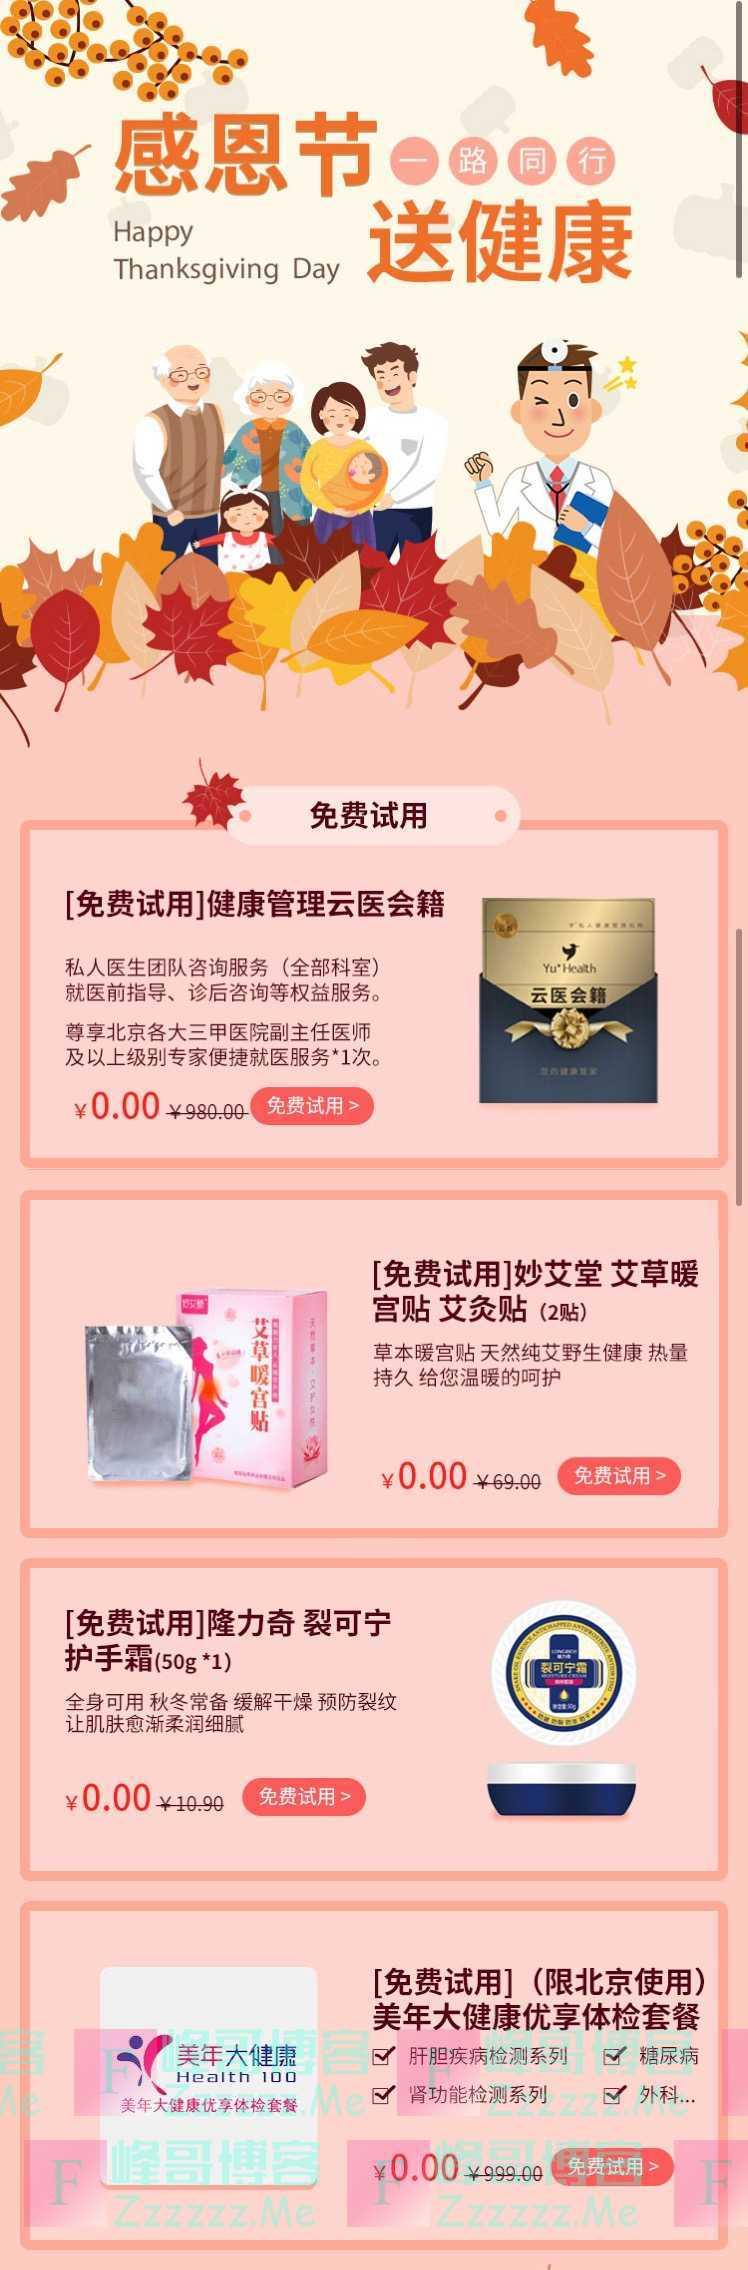 民生xing/用卡感恩节送好礼(11月28日截止)